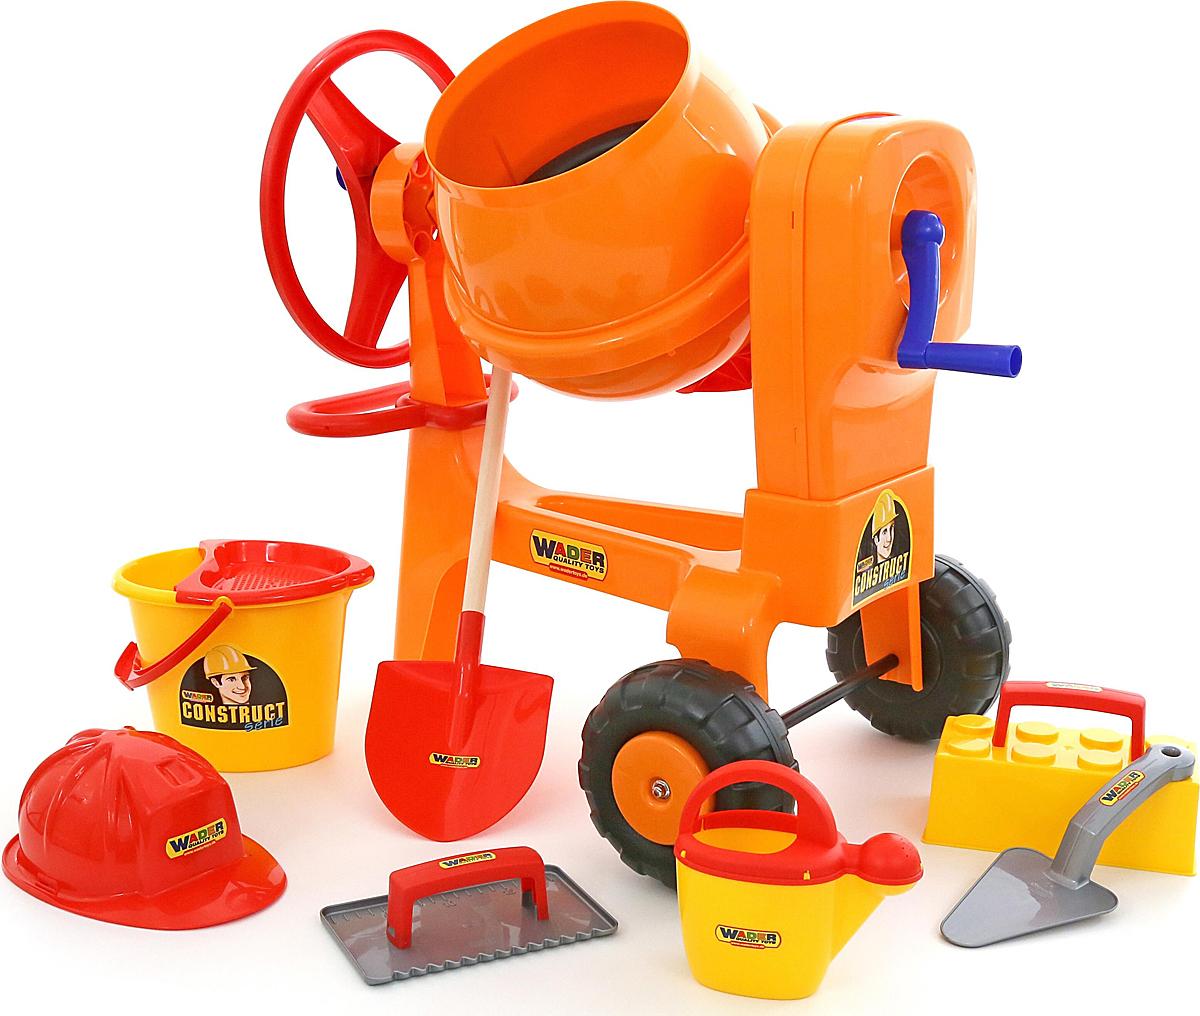 Полесье Бетономешалка Construct + набор игрушек для песочницы каменщика №7 Construct - Игры на открытом воздухе